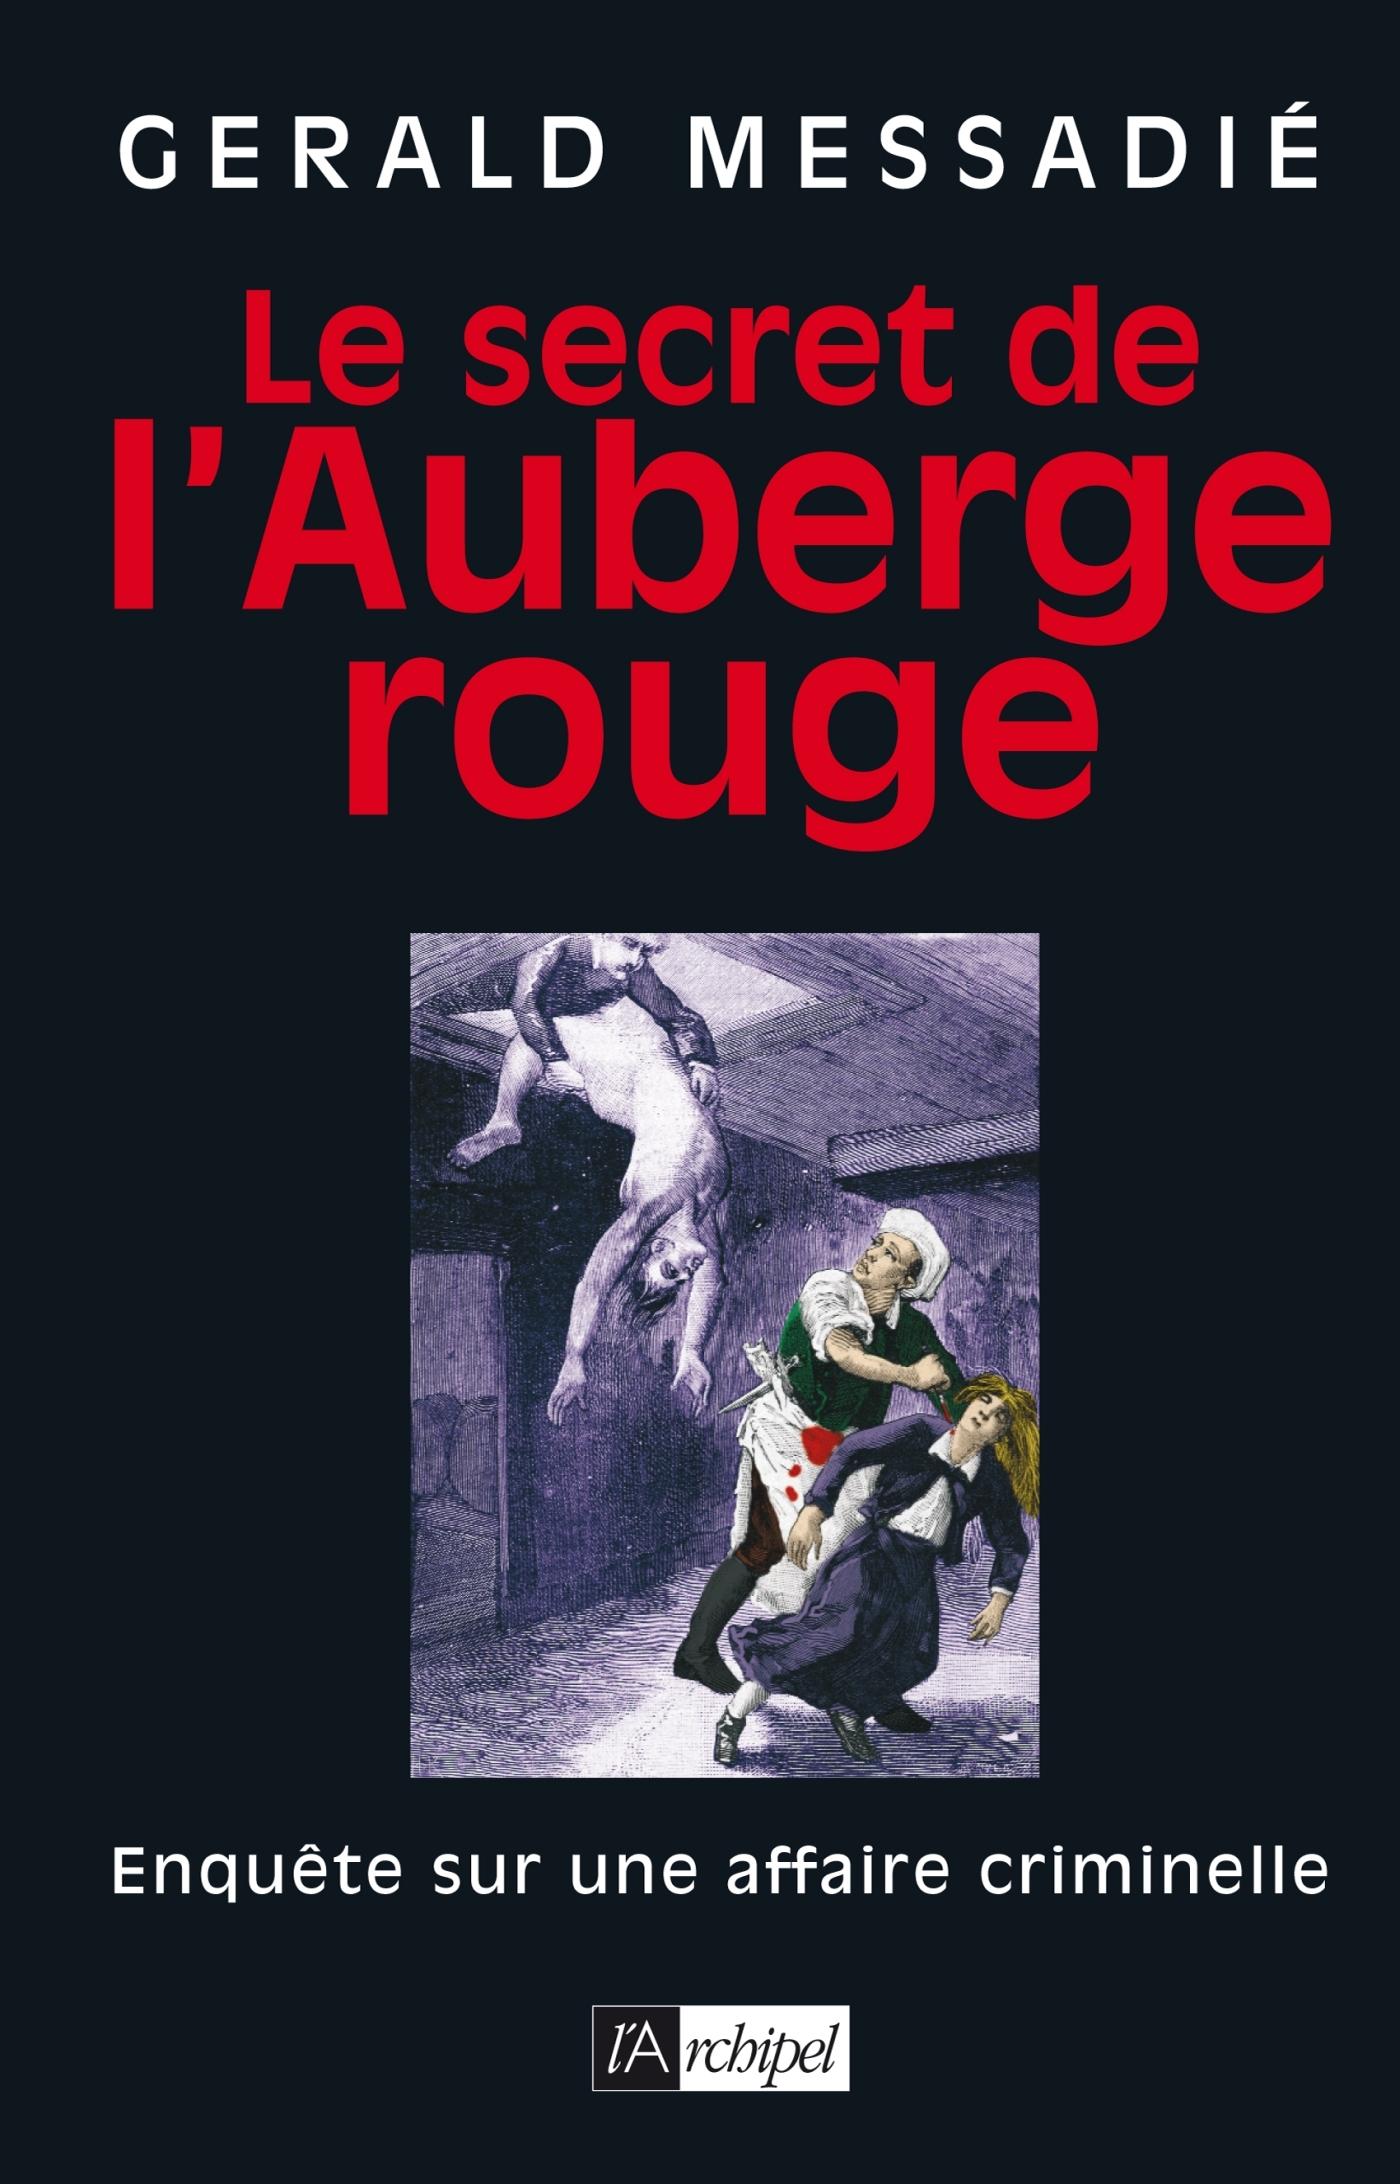 LE SECRET DE L'AUBERGE ROUGE